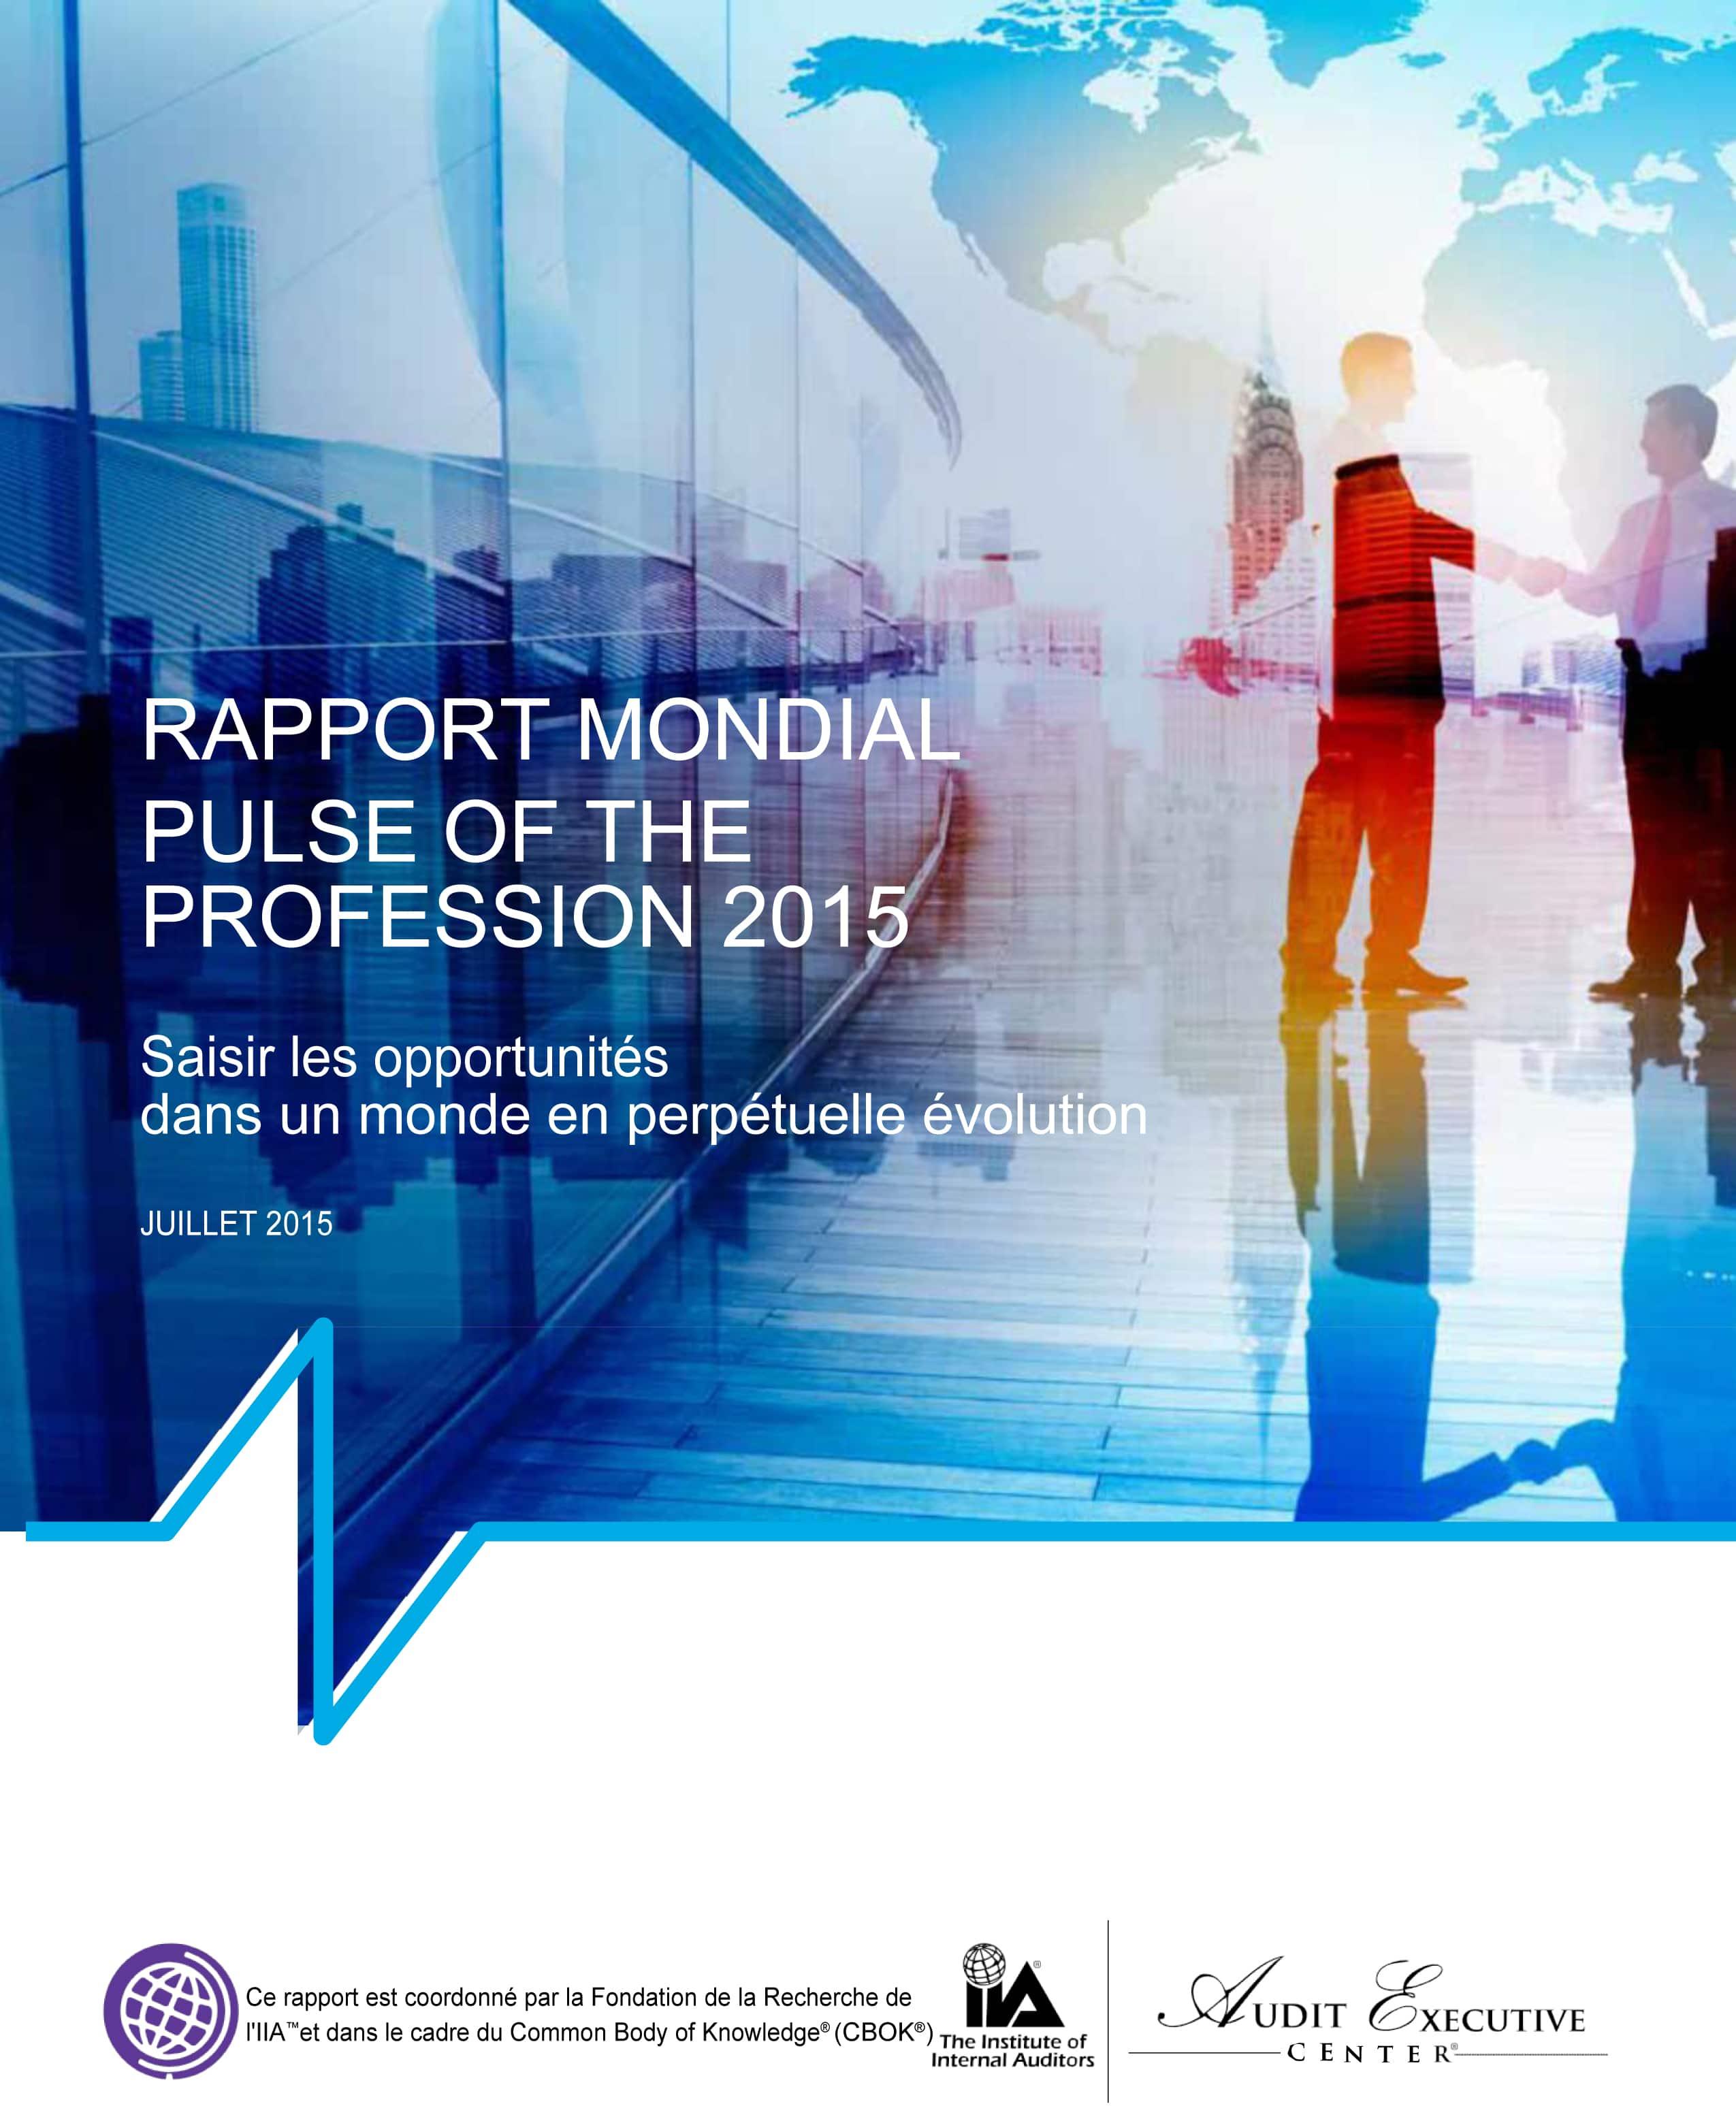 Rapport Mondiale 2015 – Pulse of the Profession : «Saisir les opportunités dans un monde en perpétuelle évolution»